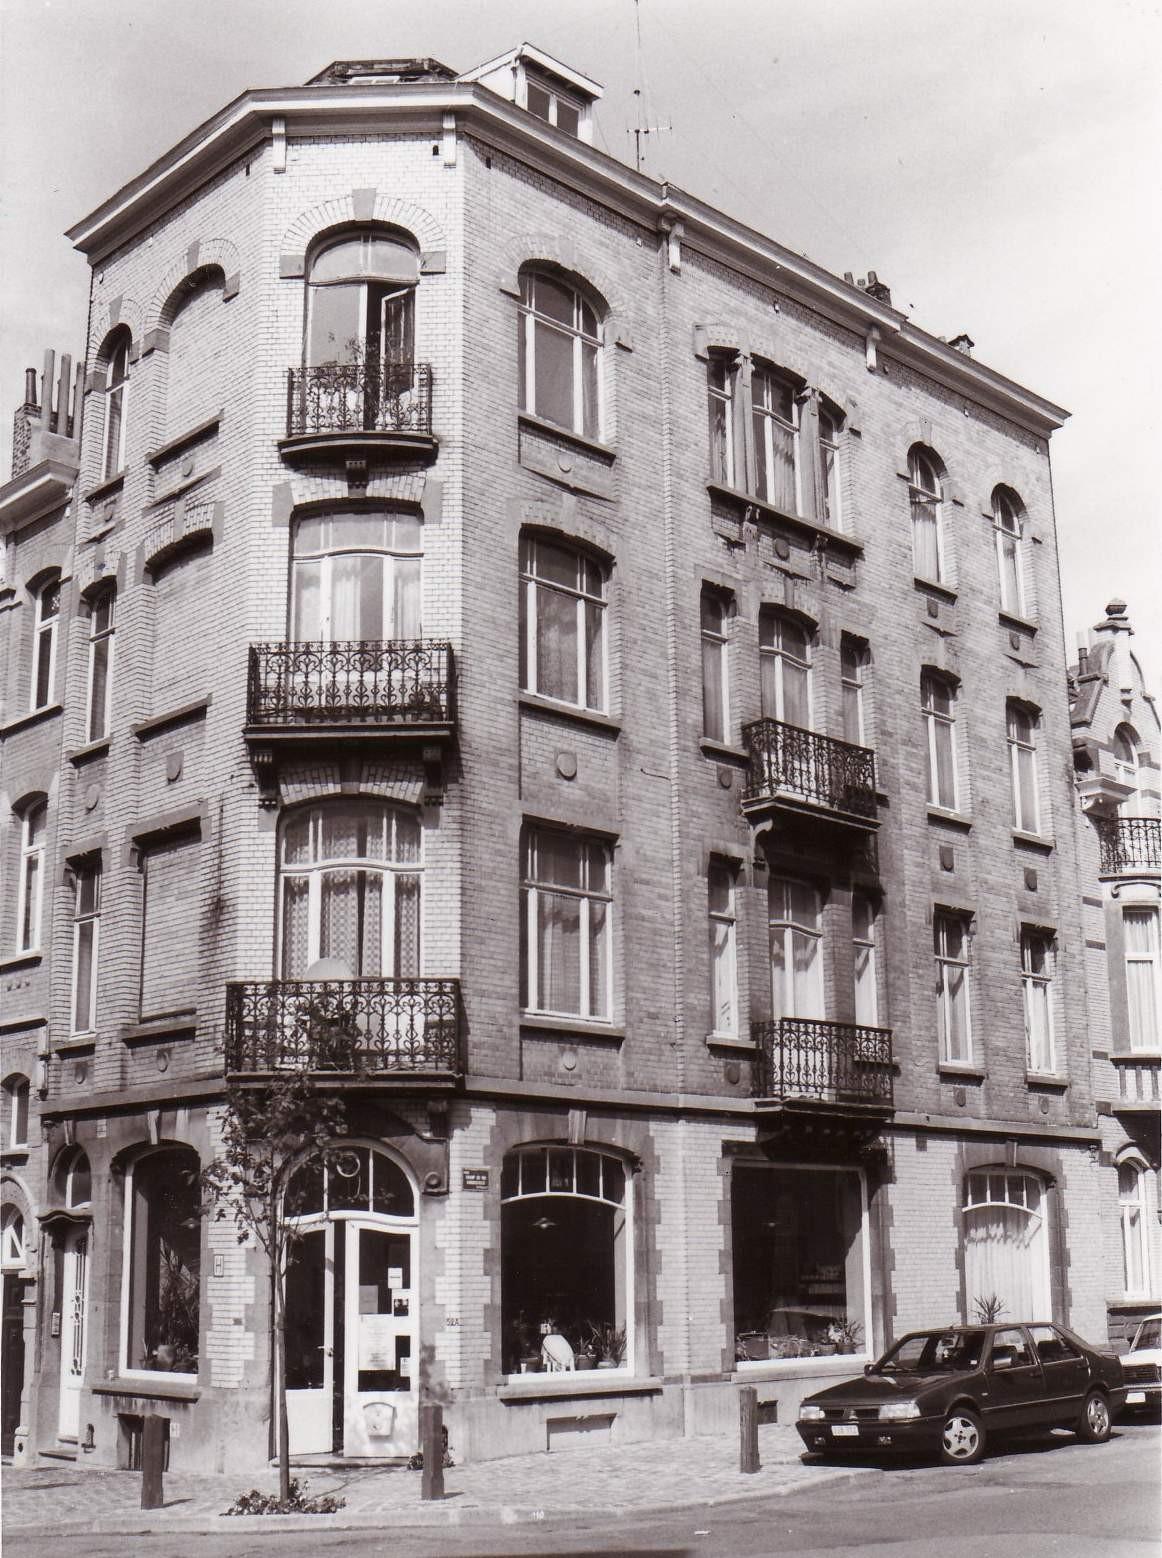 Boerenstraat 52a op hoek met Koningsveldstraat., 1993